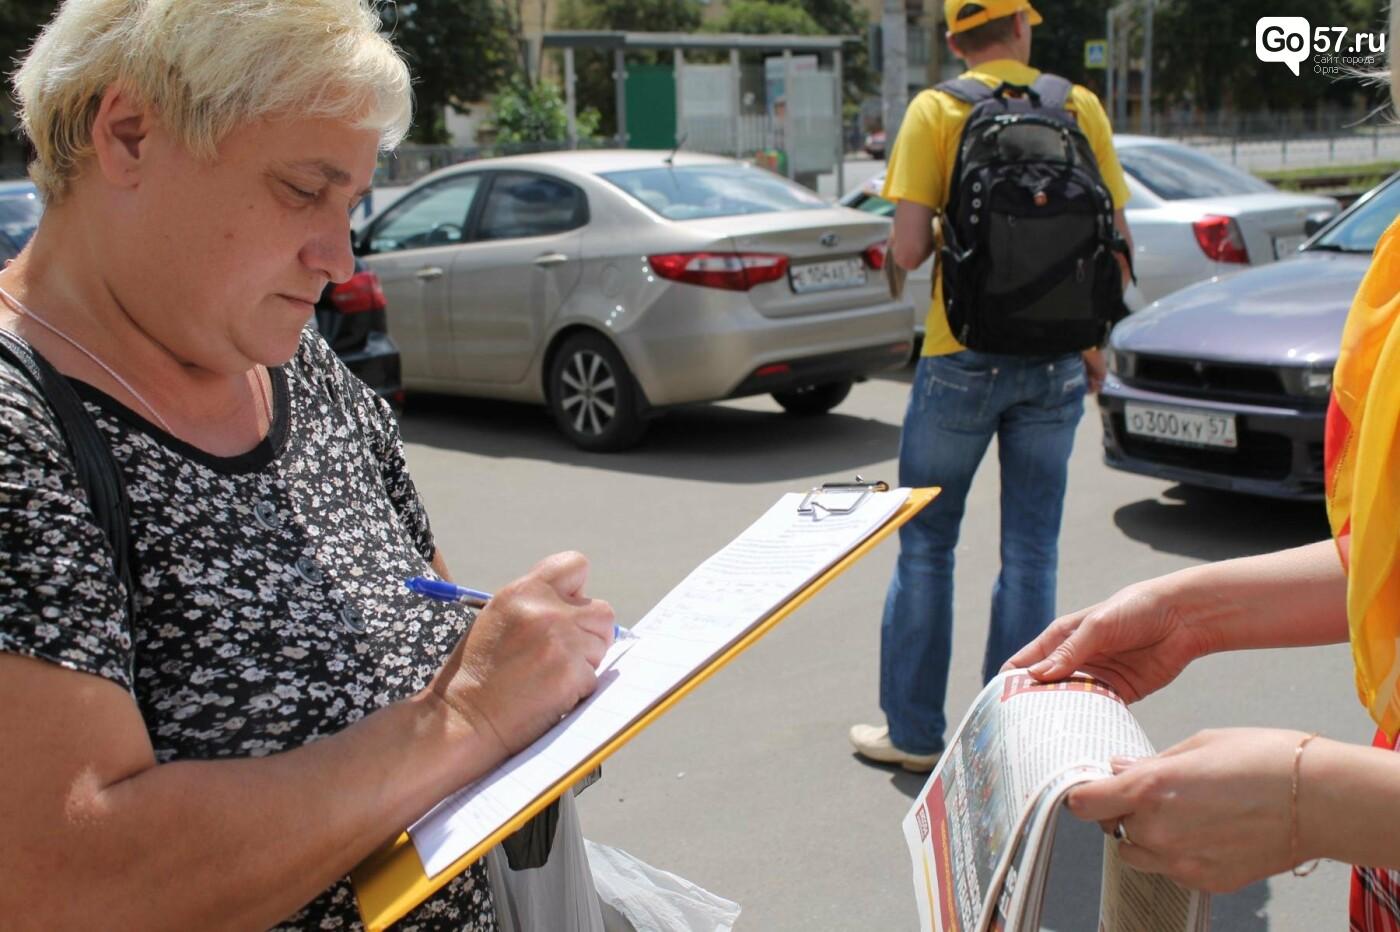 Орловцы выступают против повышения пенсионного возраста, фото-3